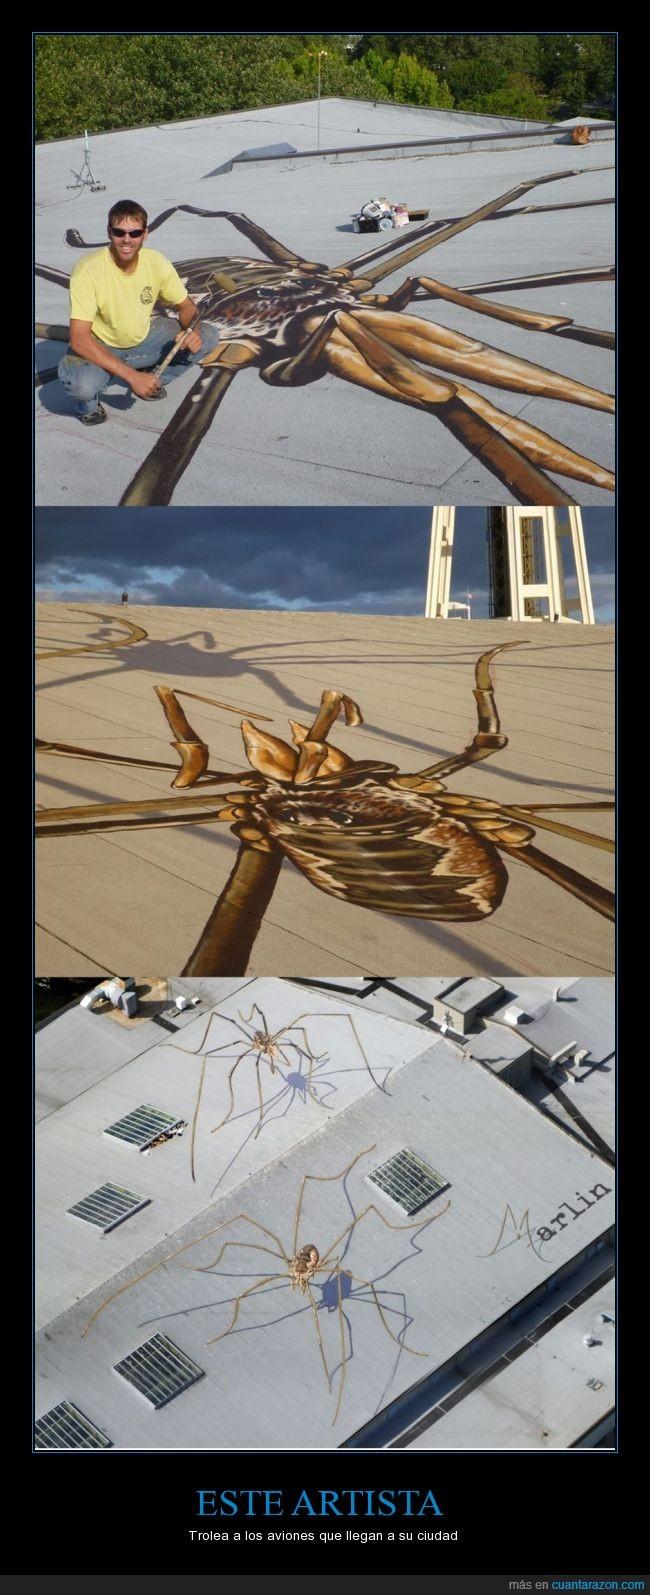 3d,araña,Arte,artista,aviones,Marlin Peterson,perspectiva,pintura,techos,tejados